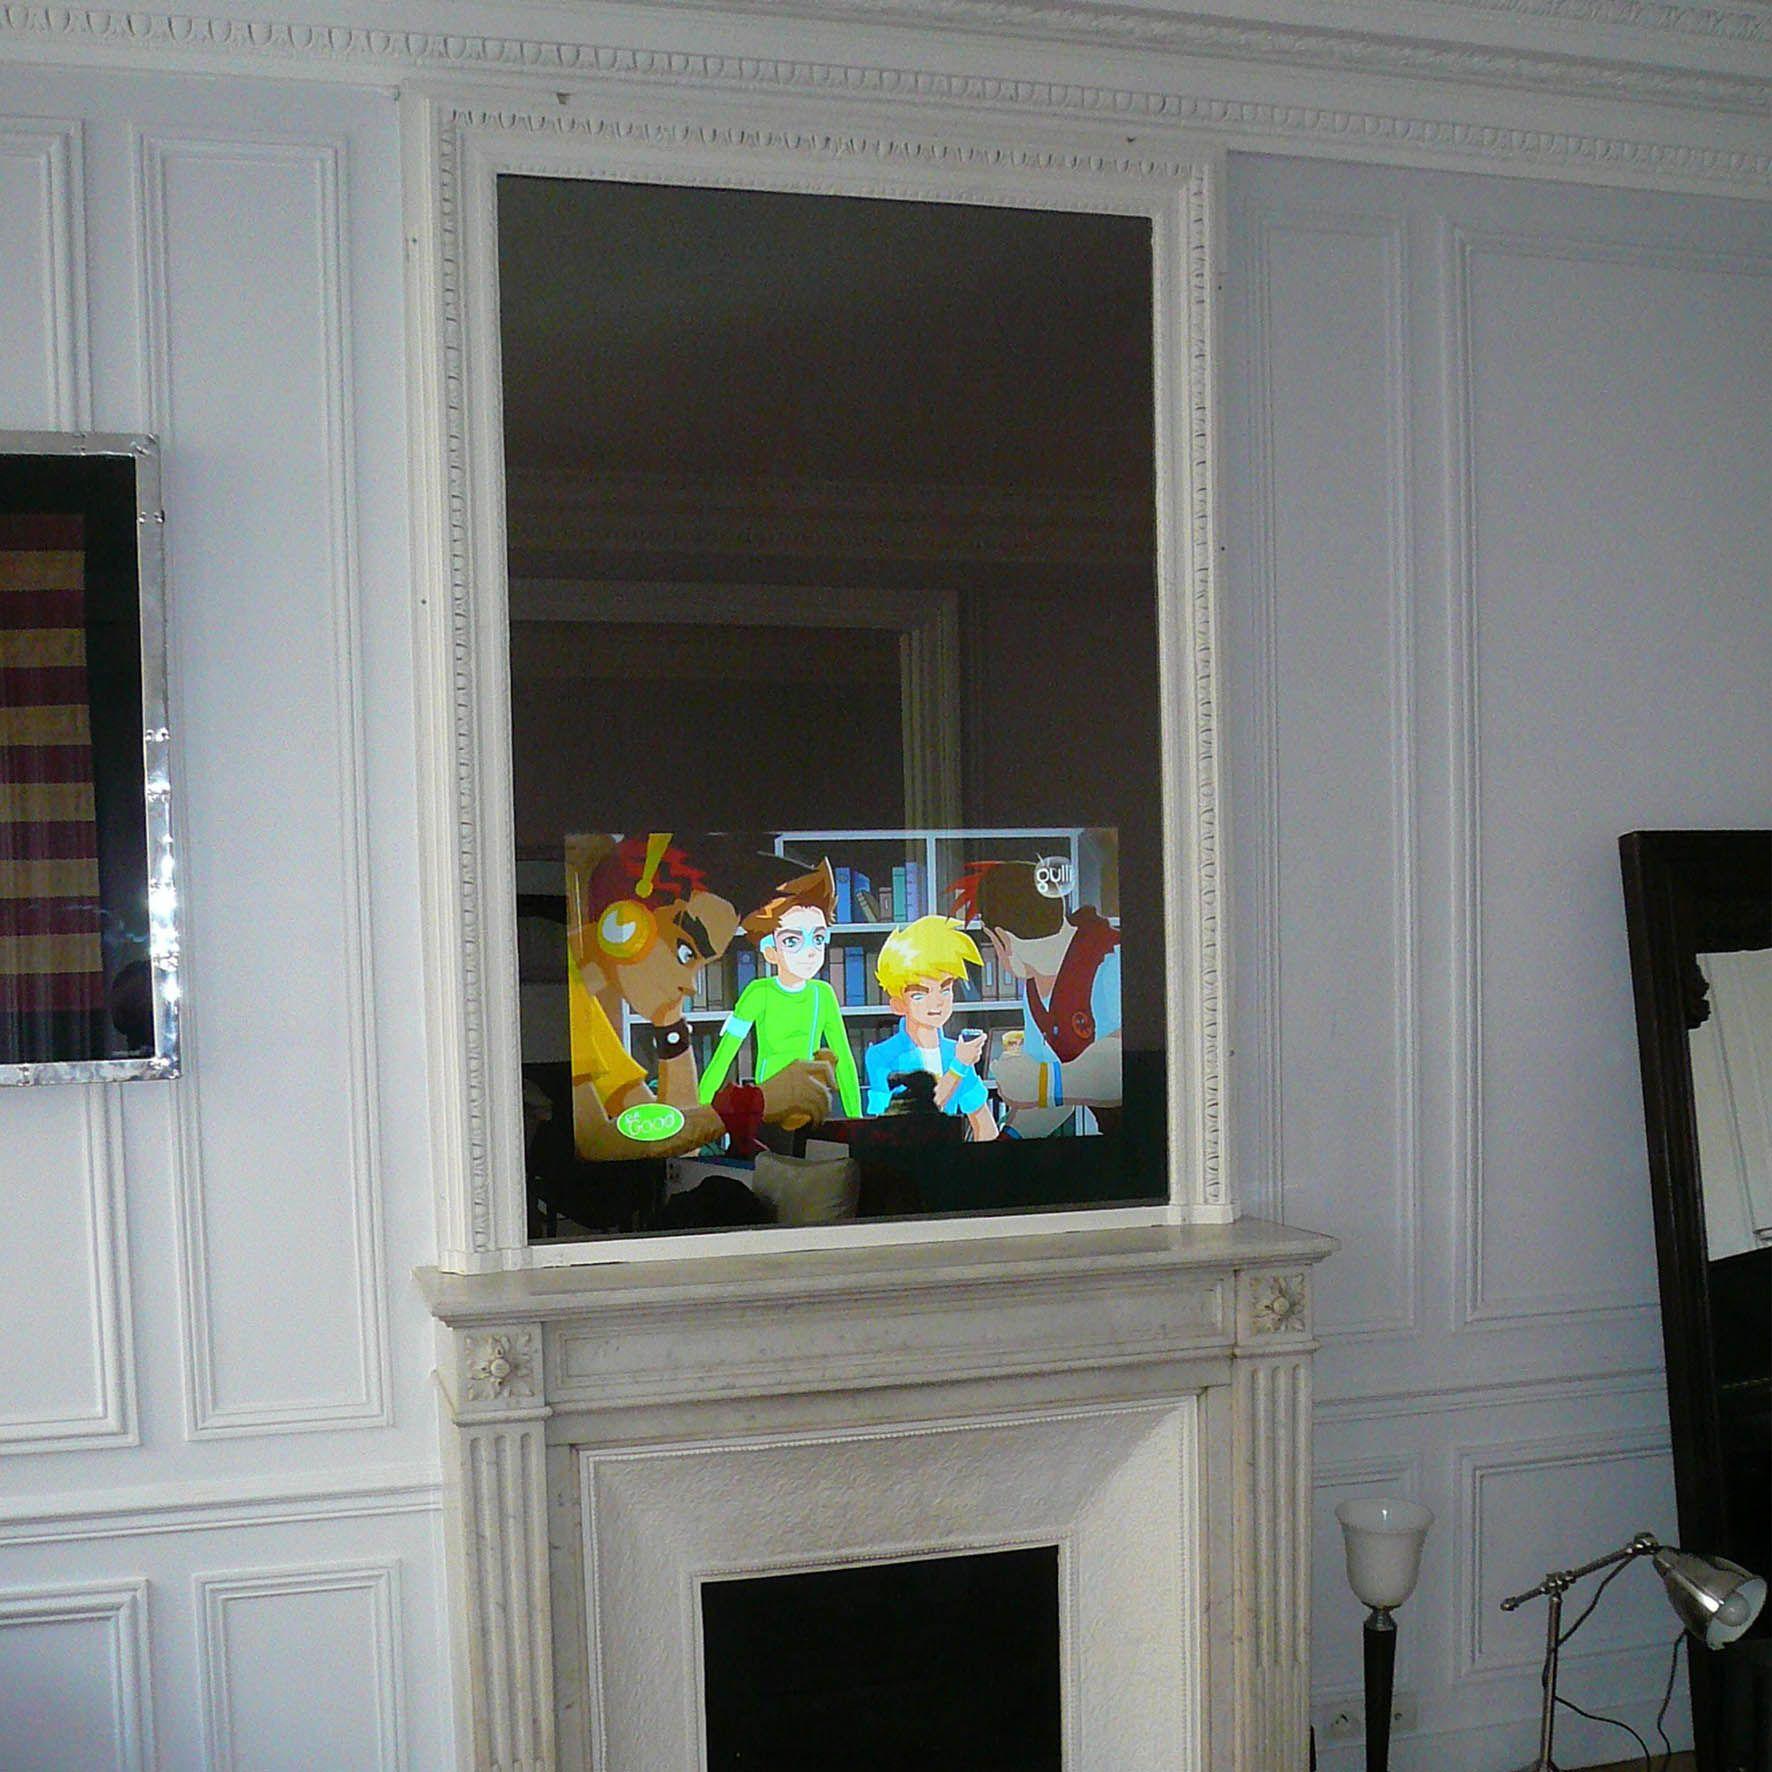 Hymage Fabricant Et Concepteur De Televiseur Miroir Tv Miroir  # Tv Encastrable